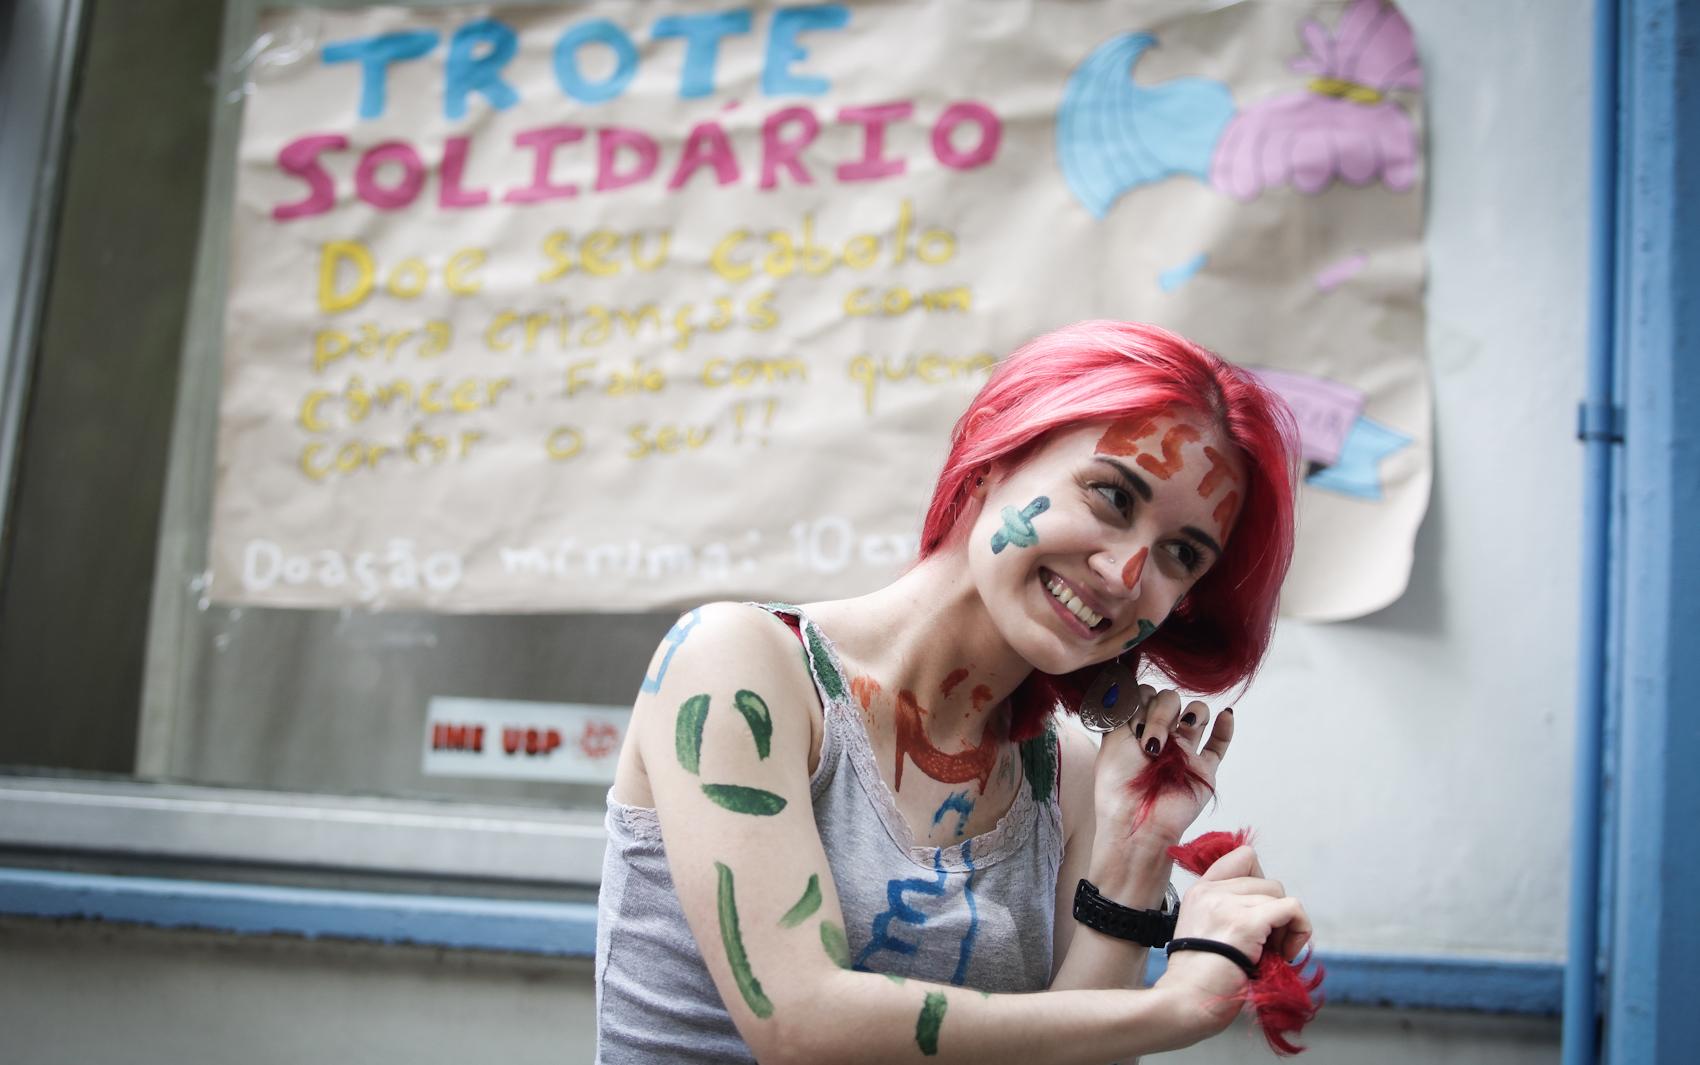 Caloura de estatística da USP, Camila Fontoura, de 18 anos, doa parte do cabelo cortado para ONG que ajuda crianças com câncer